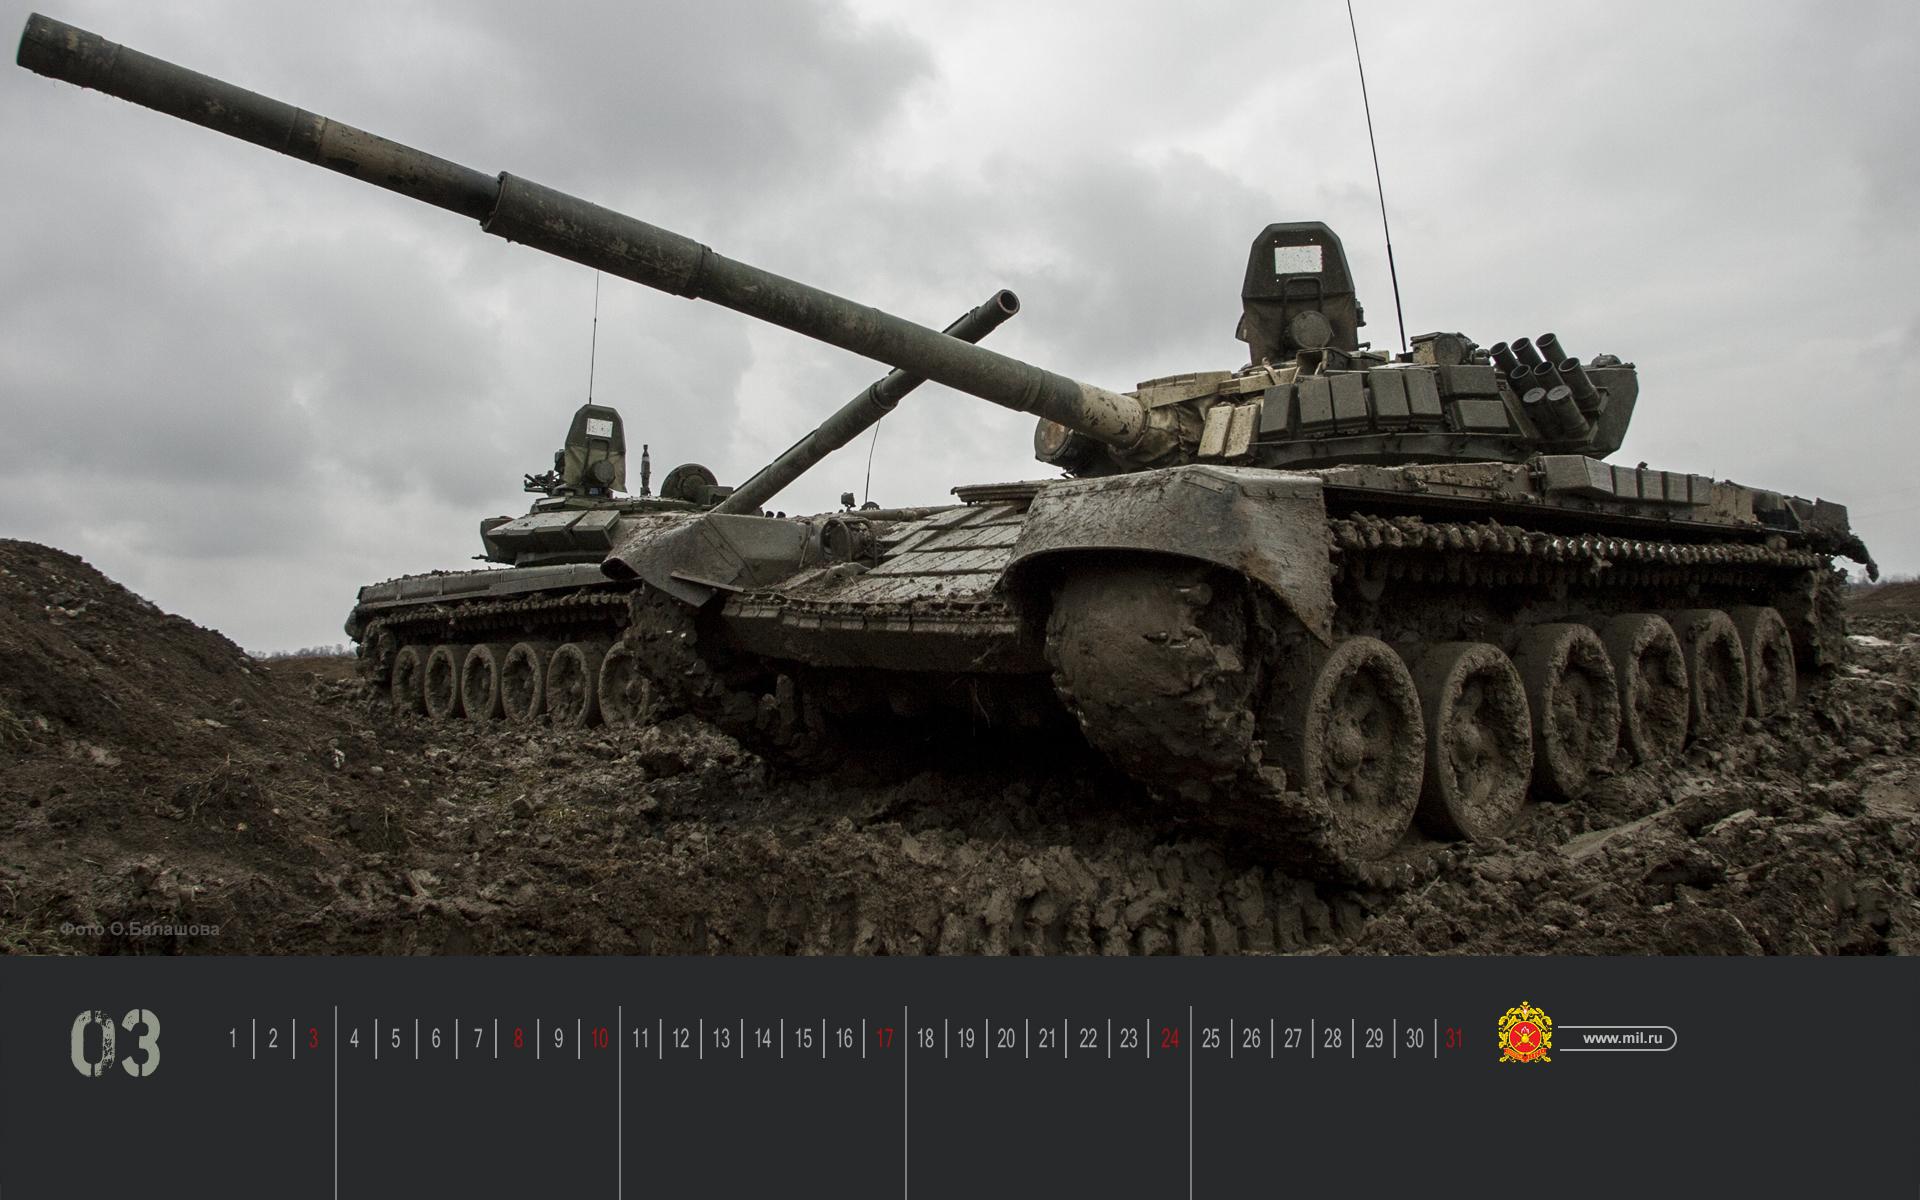 El nuevo ejército ruso... - Página 2 0_86dcf_df267e70_orig